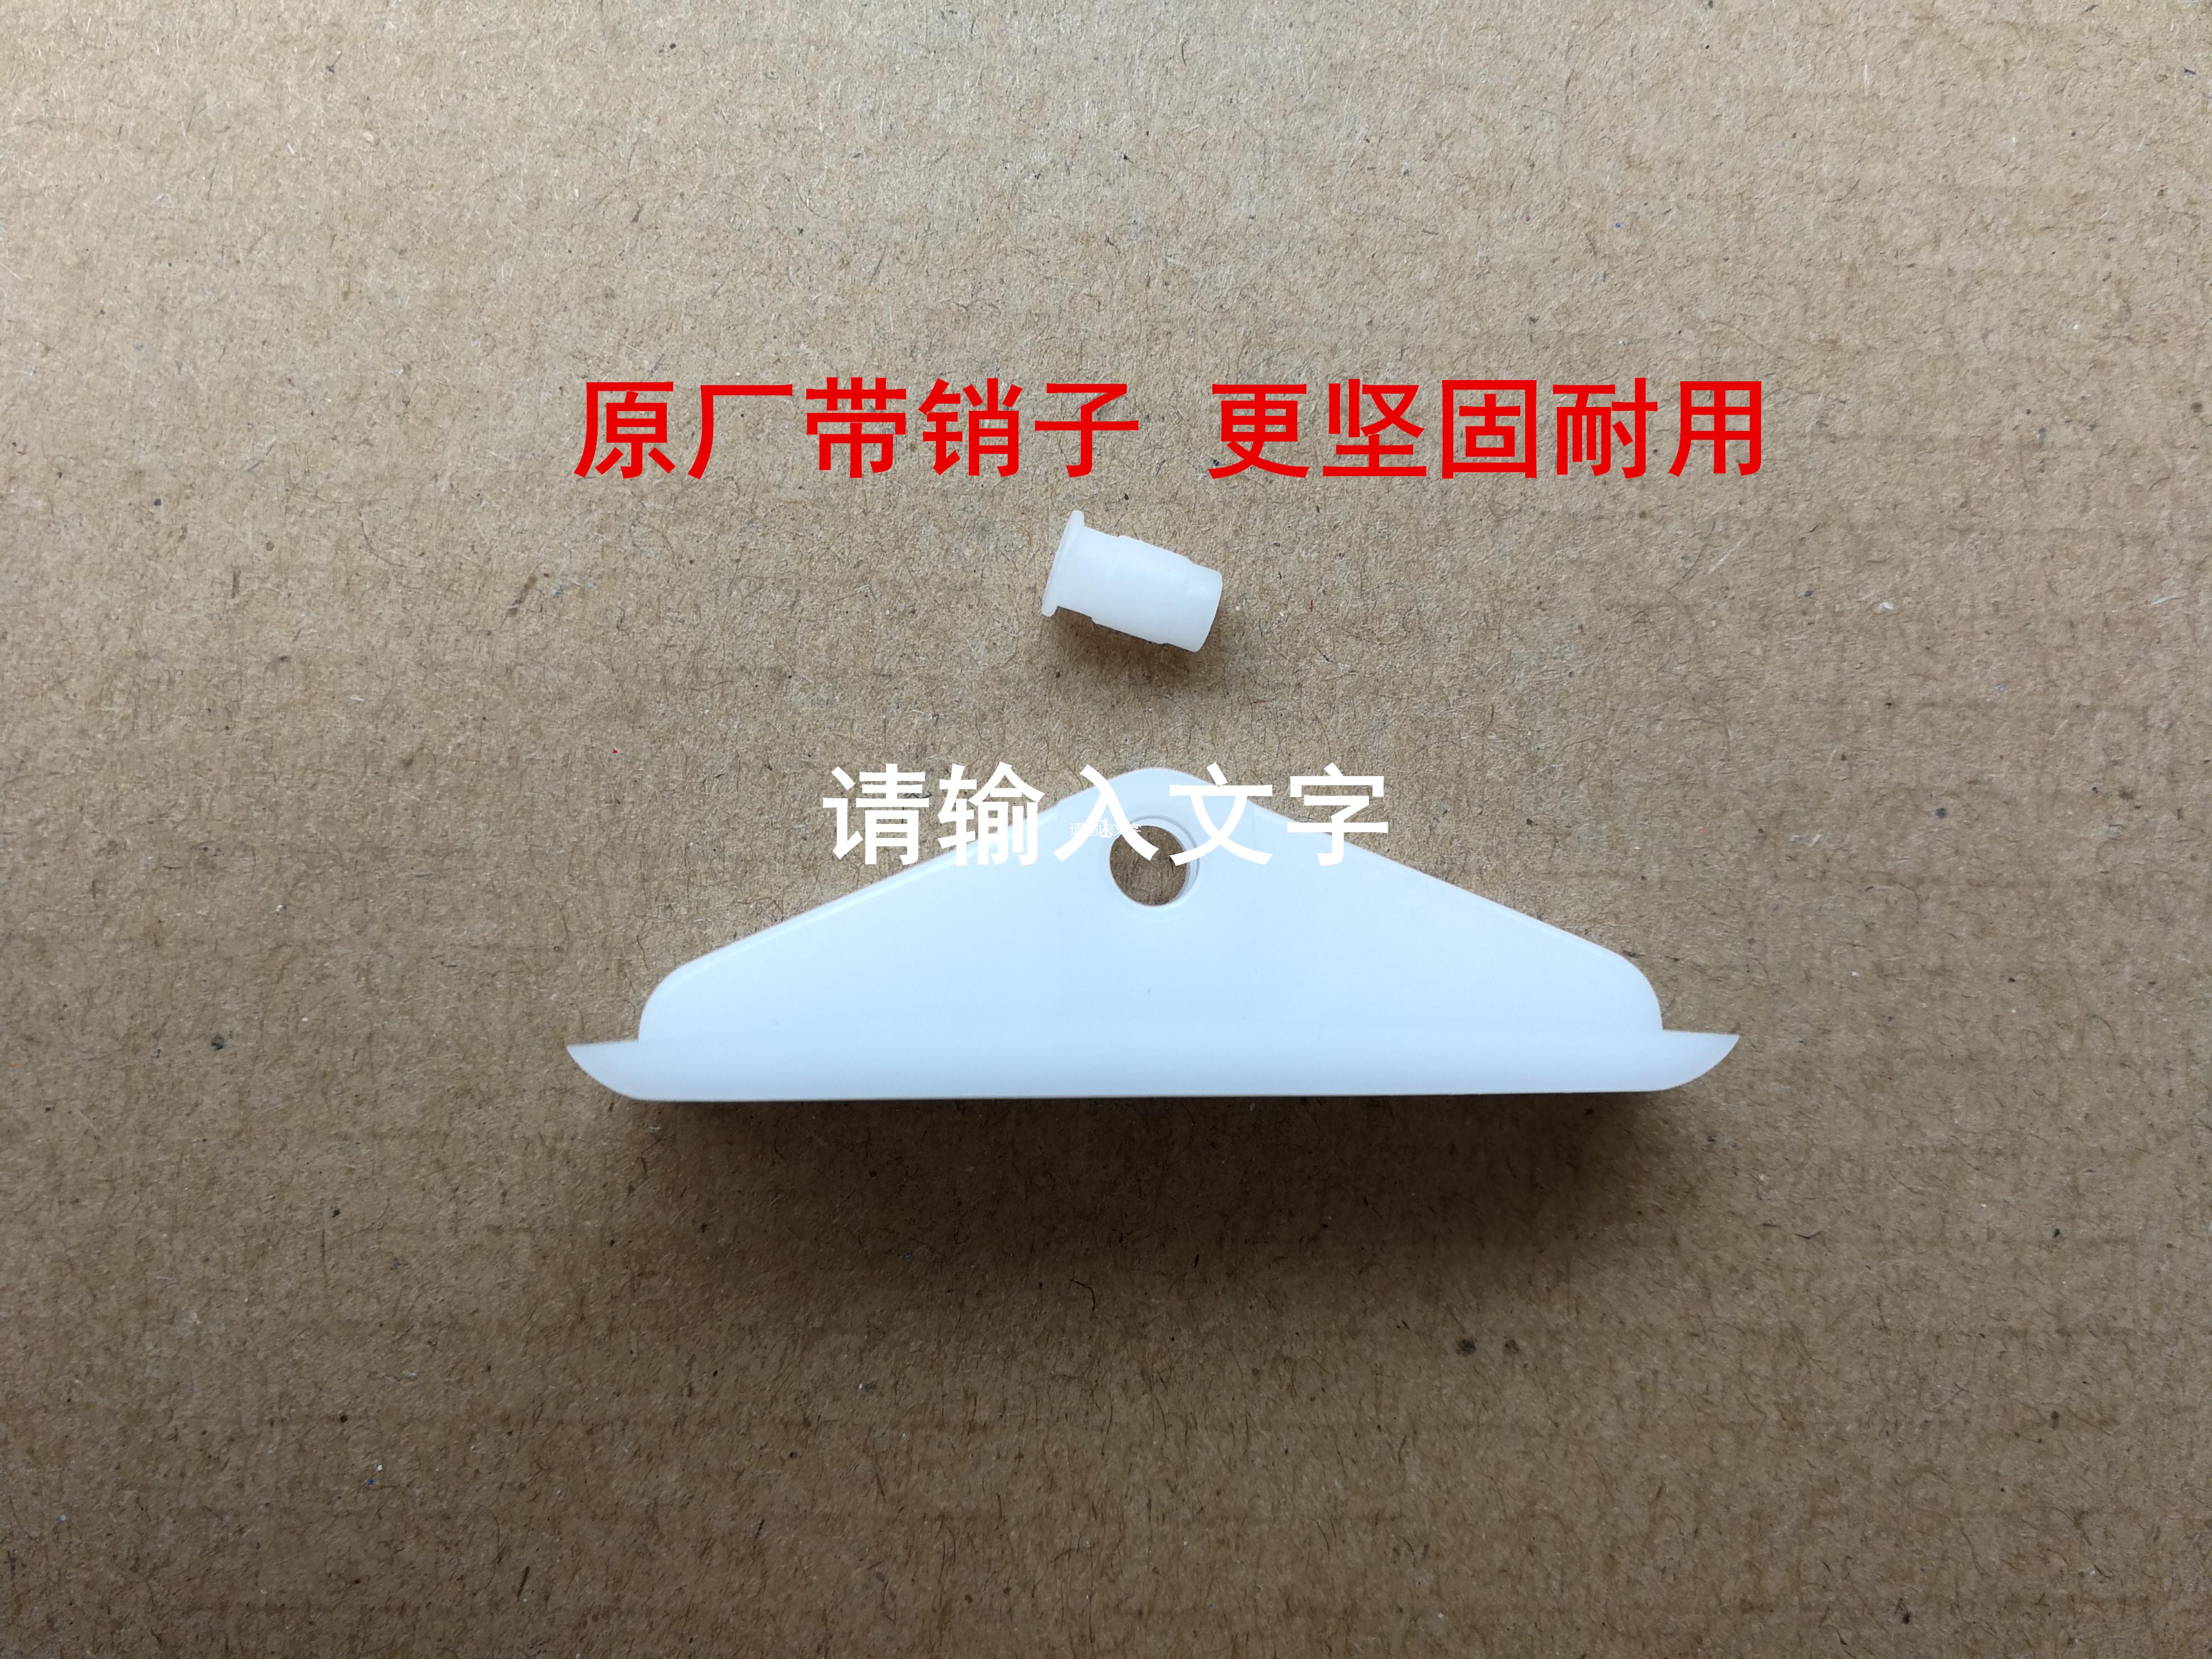 Шанхай Maple Haifeng Hai Shang морски район Xun Слънце вятър стъкло плъзгача стъкло скоба водач блок повдигач ключалката